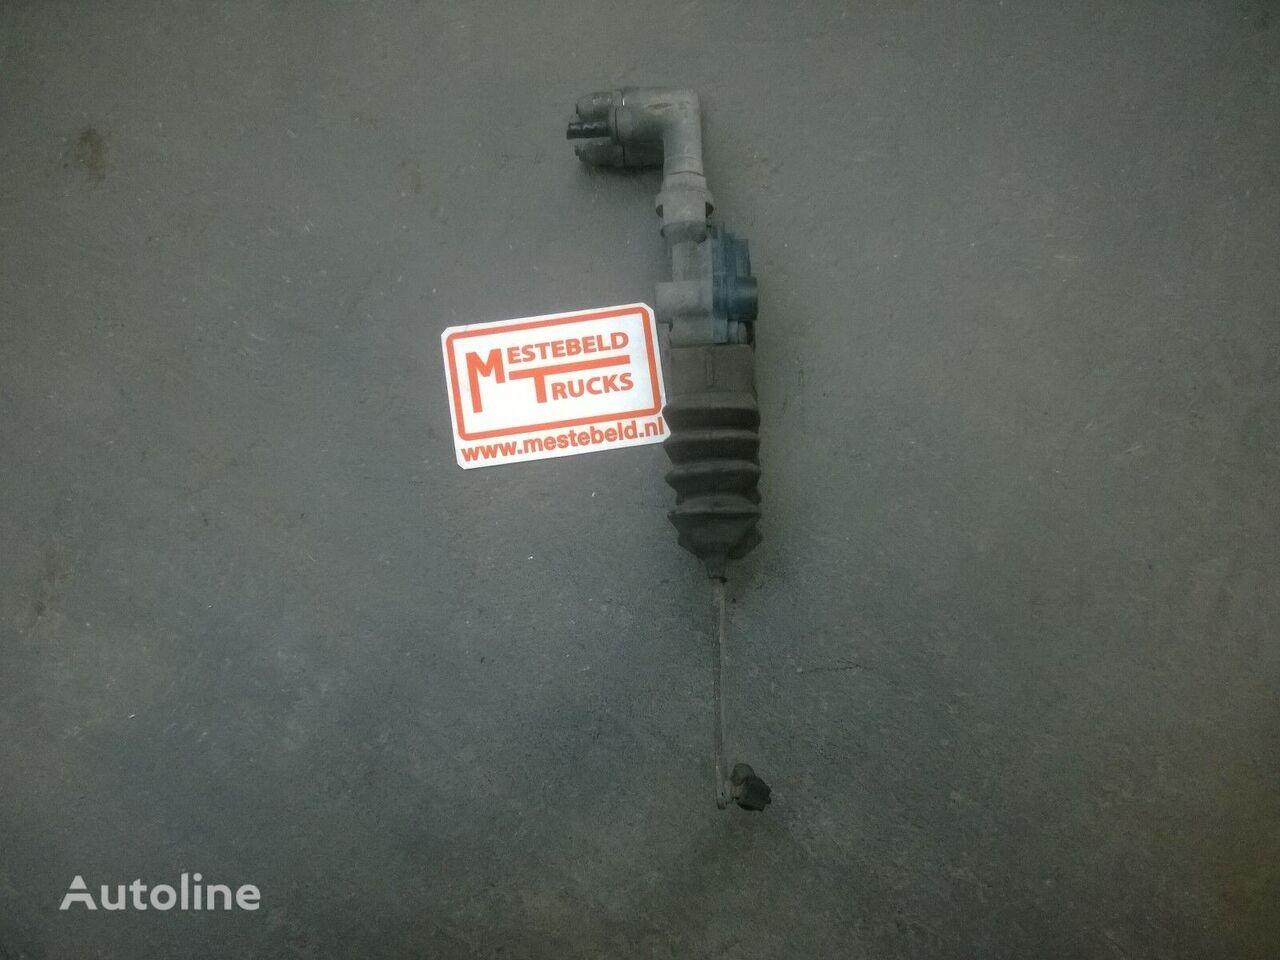 pezzi di ricambi  Niveauklep cabineslot per trattore stradale VOLVO Niveauklep cabineslot FH